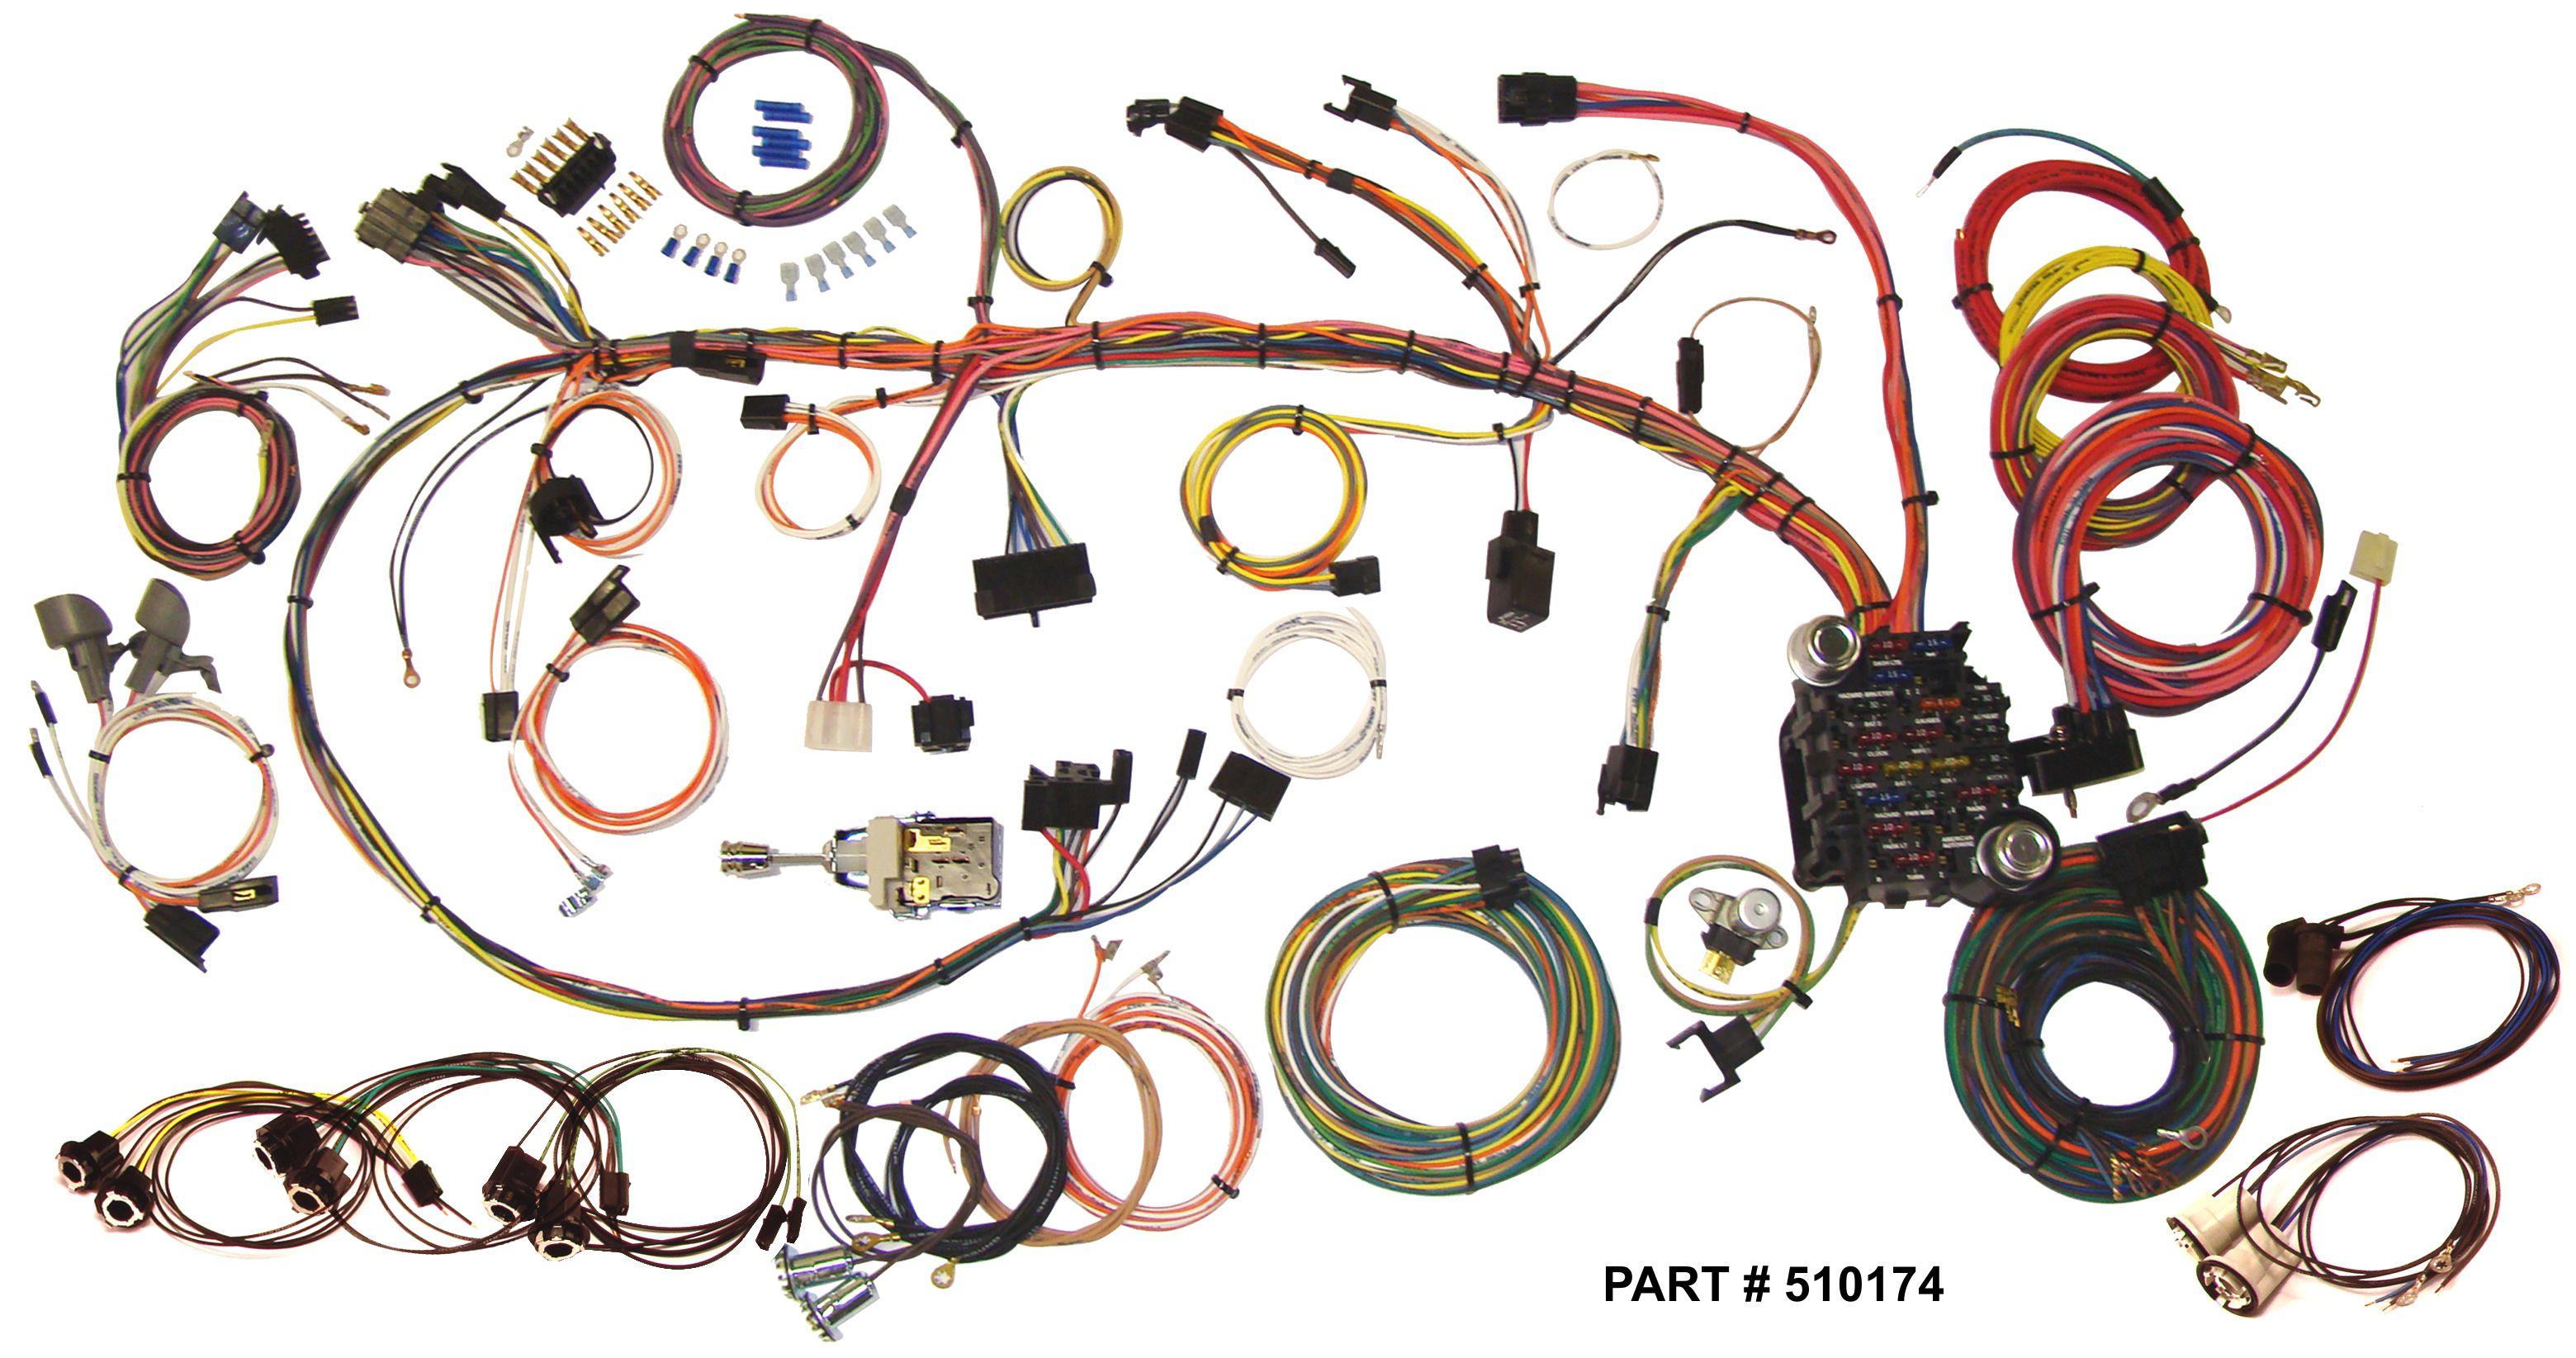 1970 Camaro Painless Performance Wiring Diagram